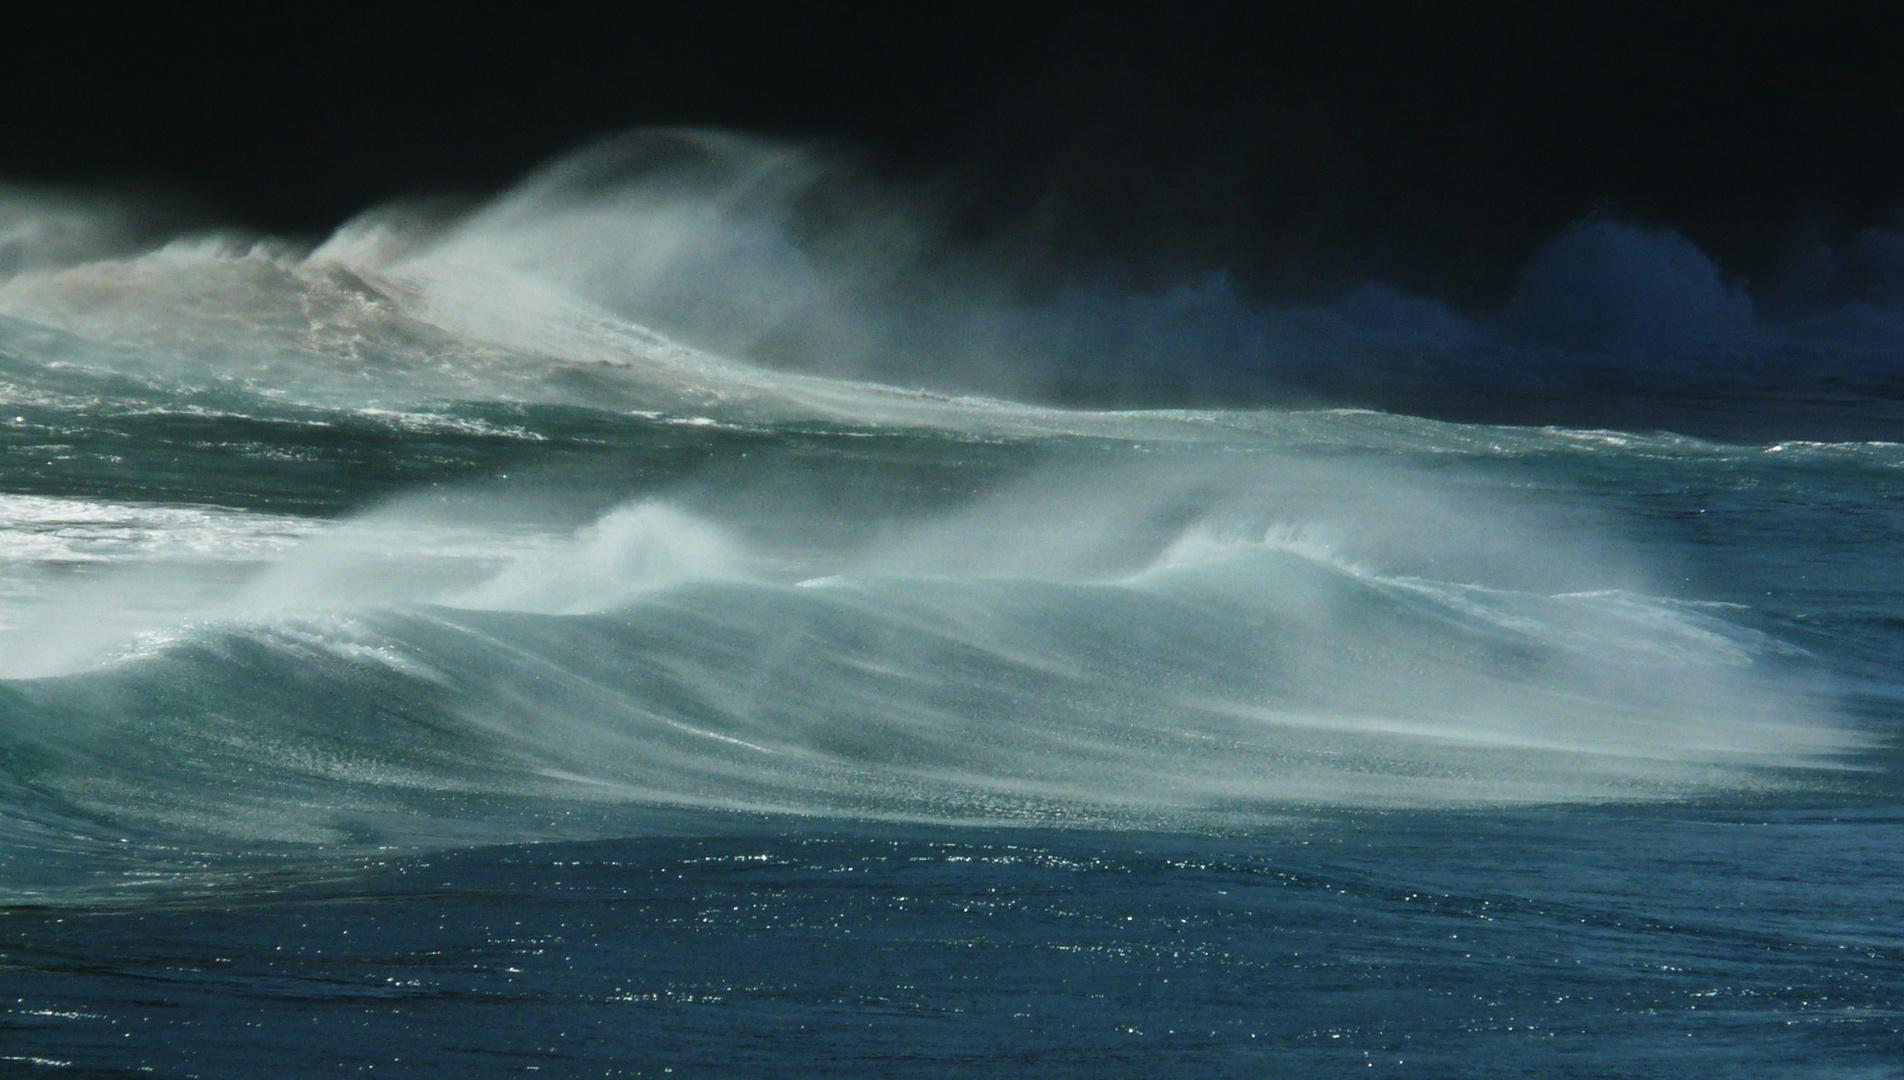 Faszination Wasser (4)